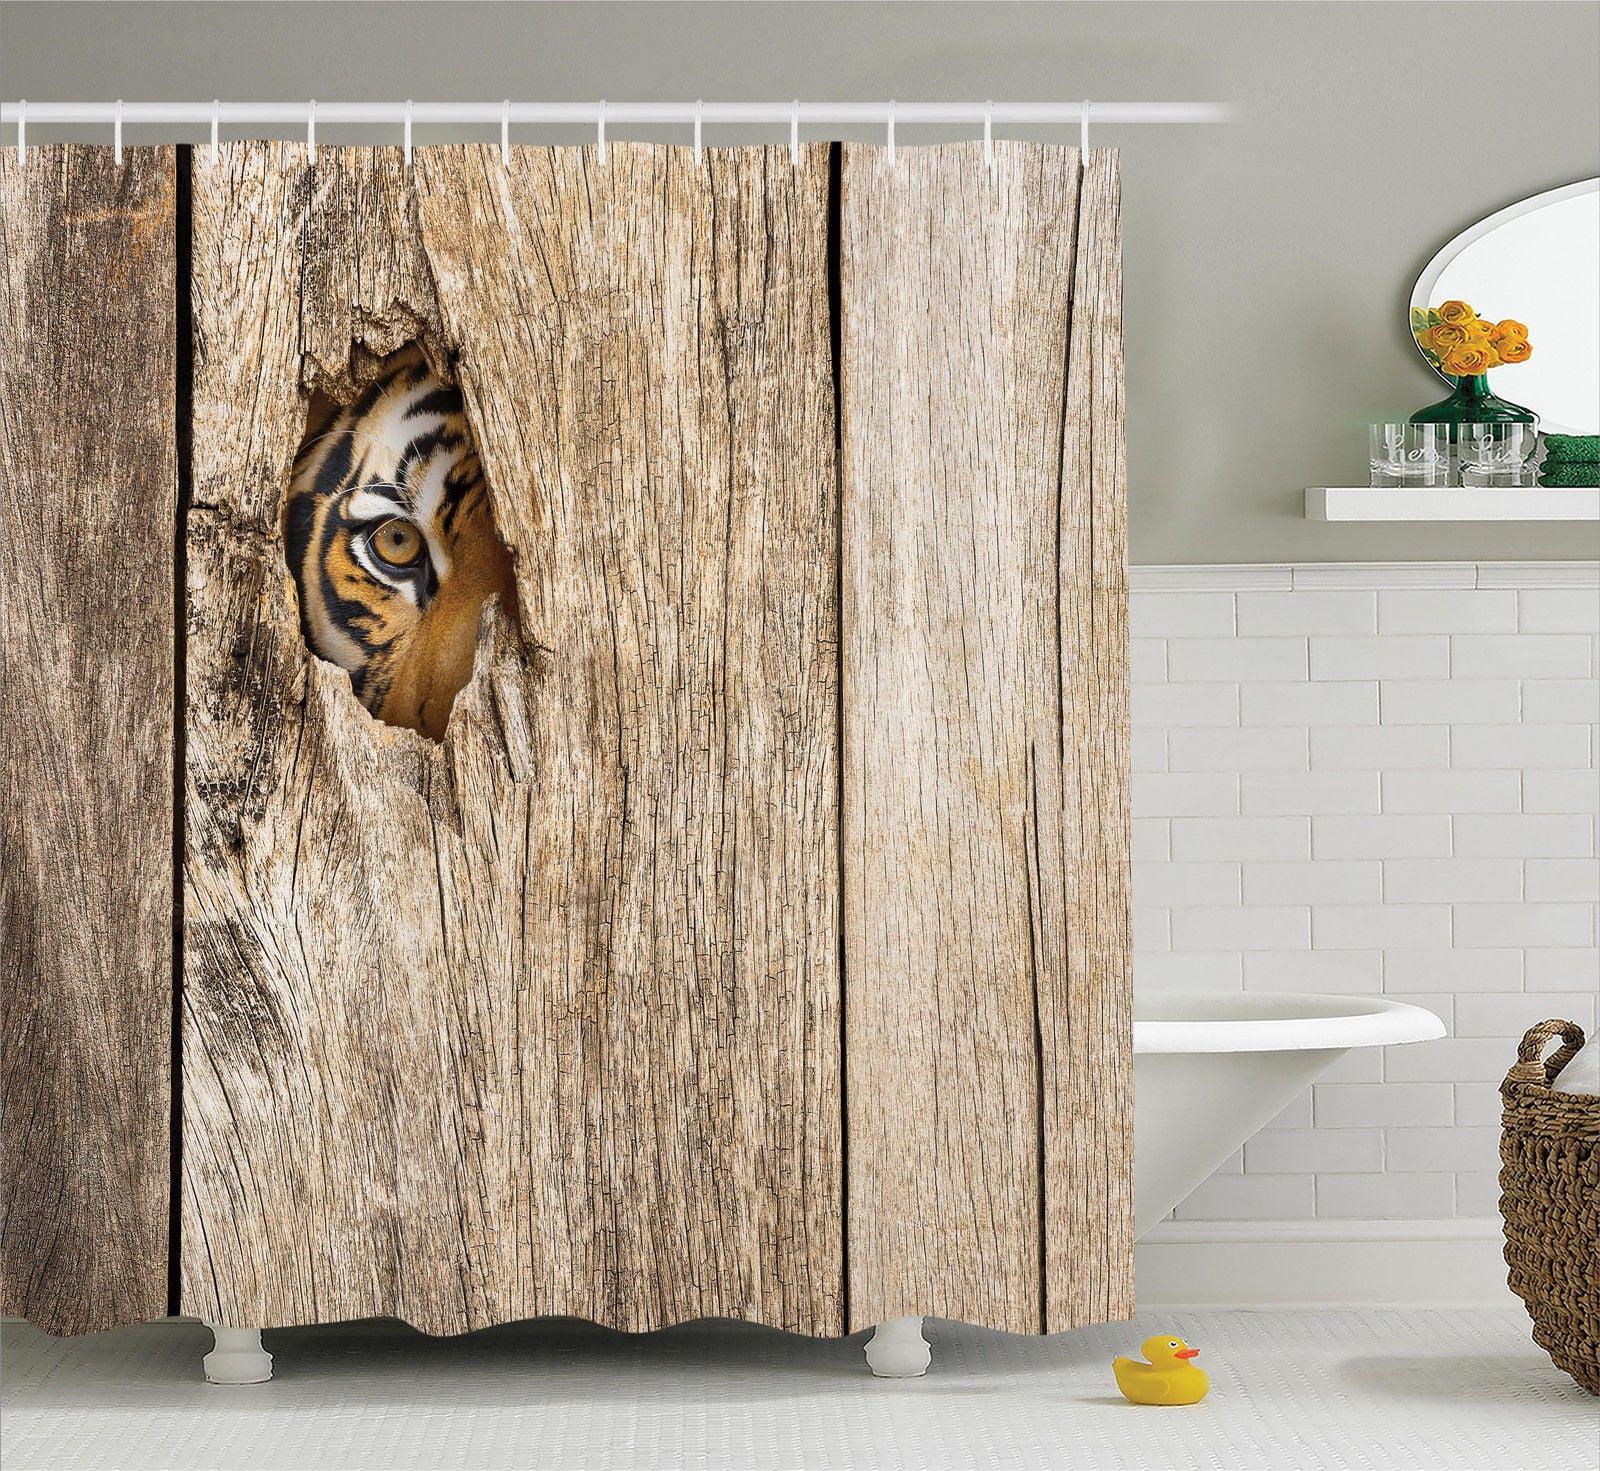 Safari Decor Shower Curtain Set Siberian Tiger Eye